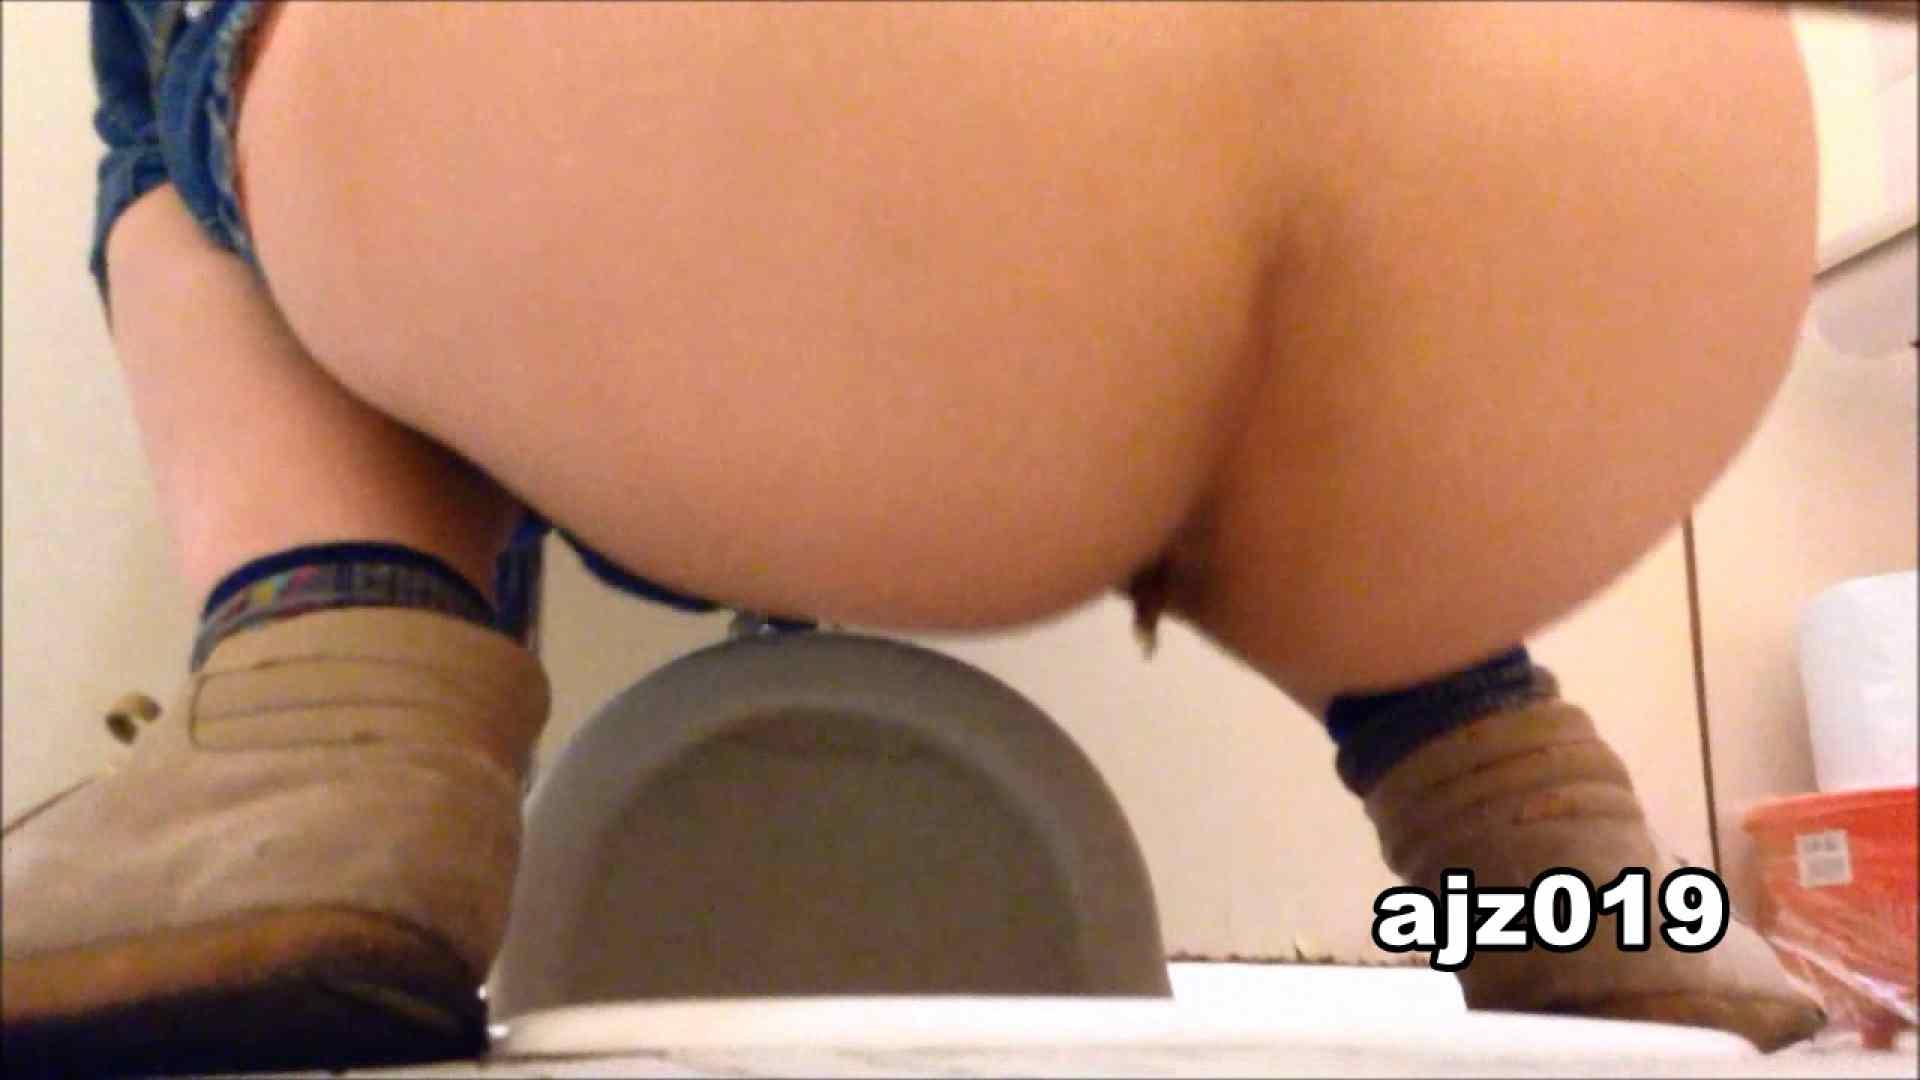 某有名大学女性洗面所 vol.19 投稿物 おまんこ動画流出 42連発 26